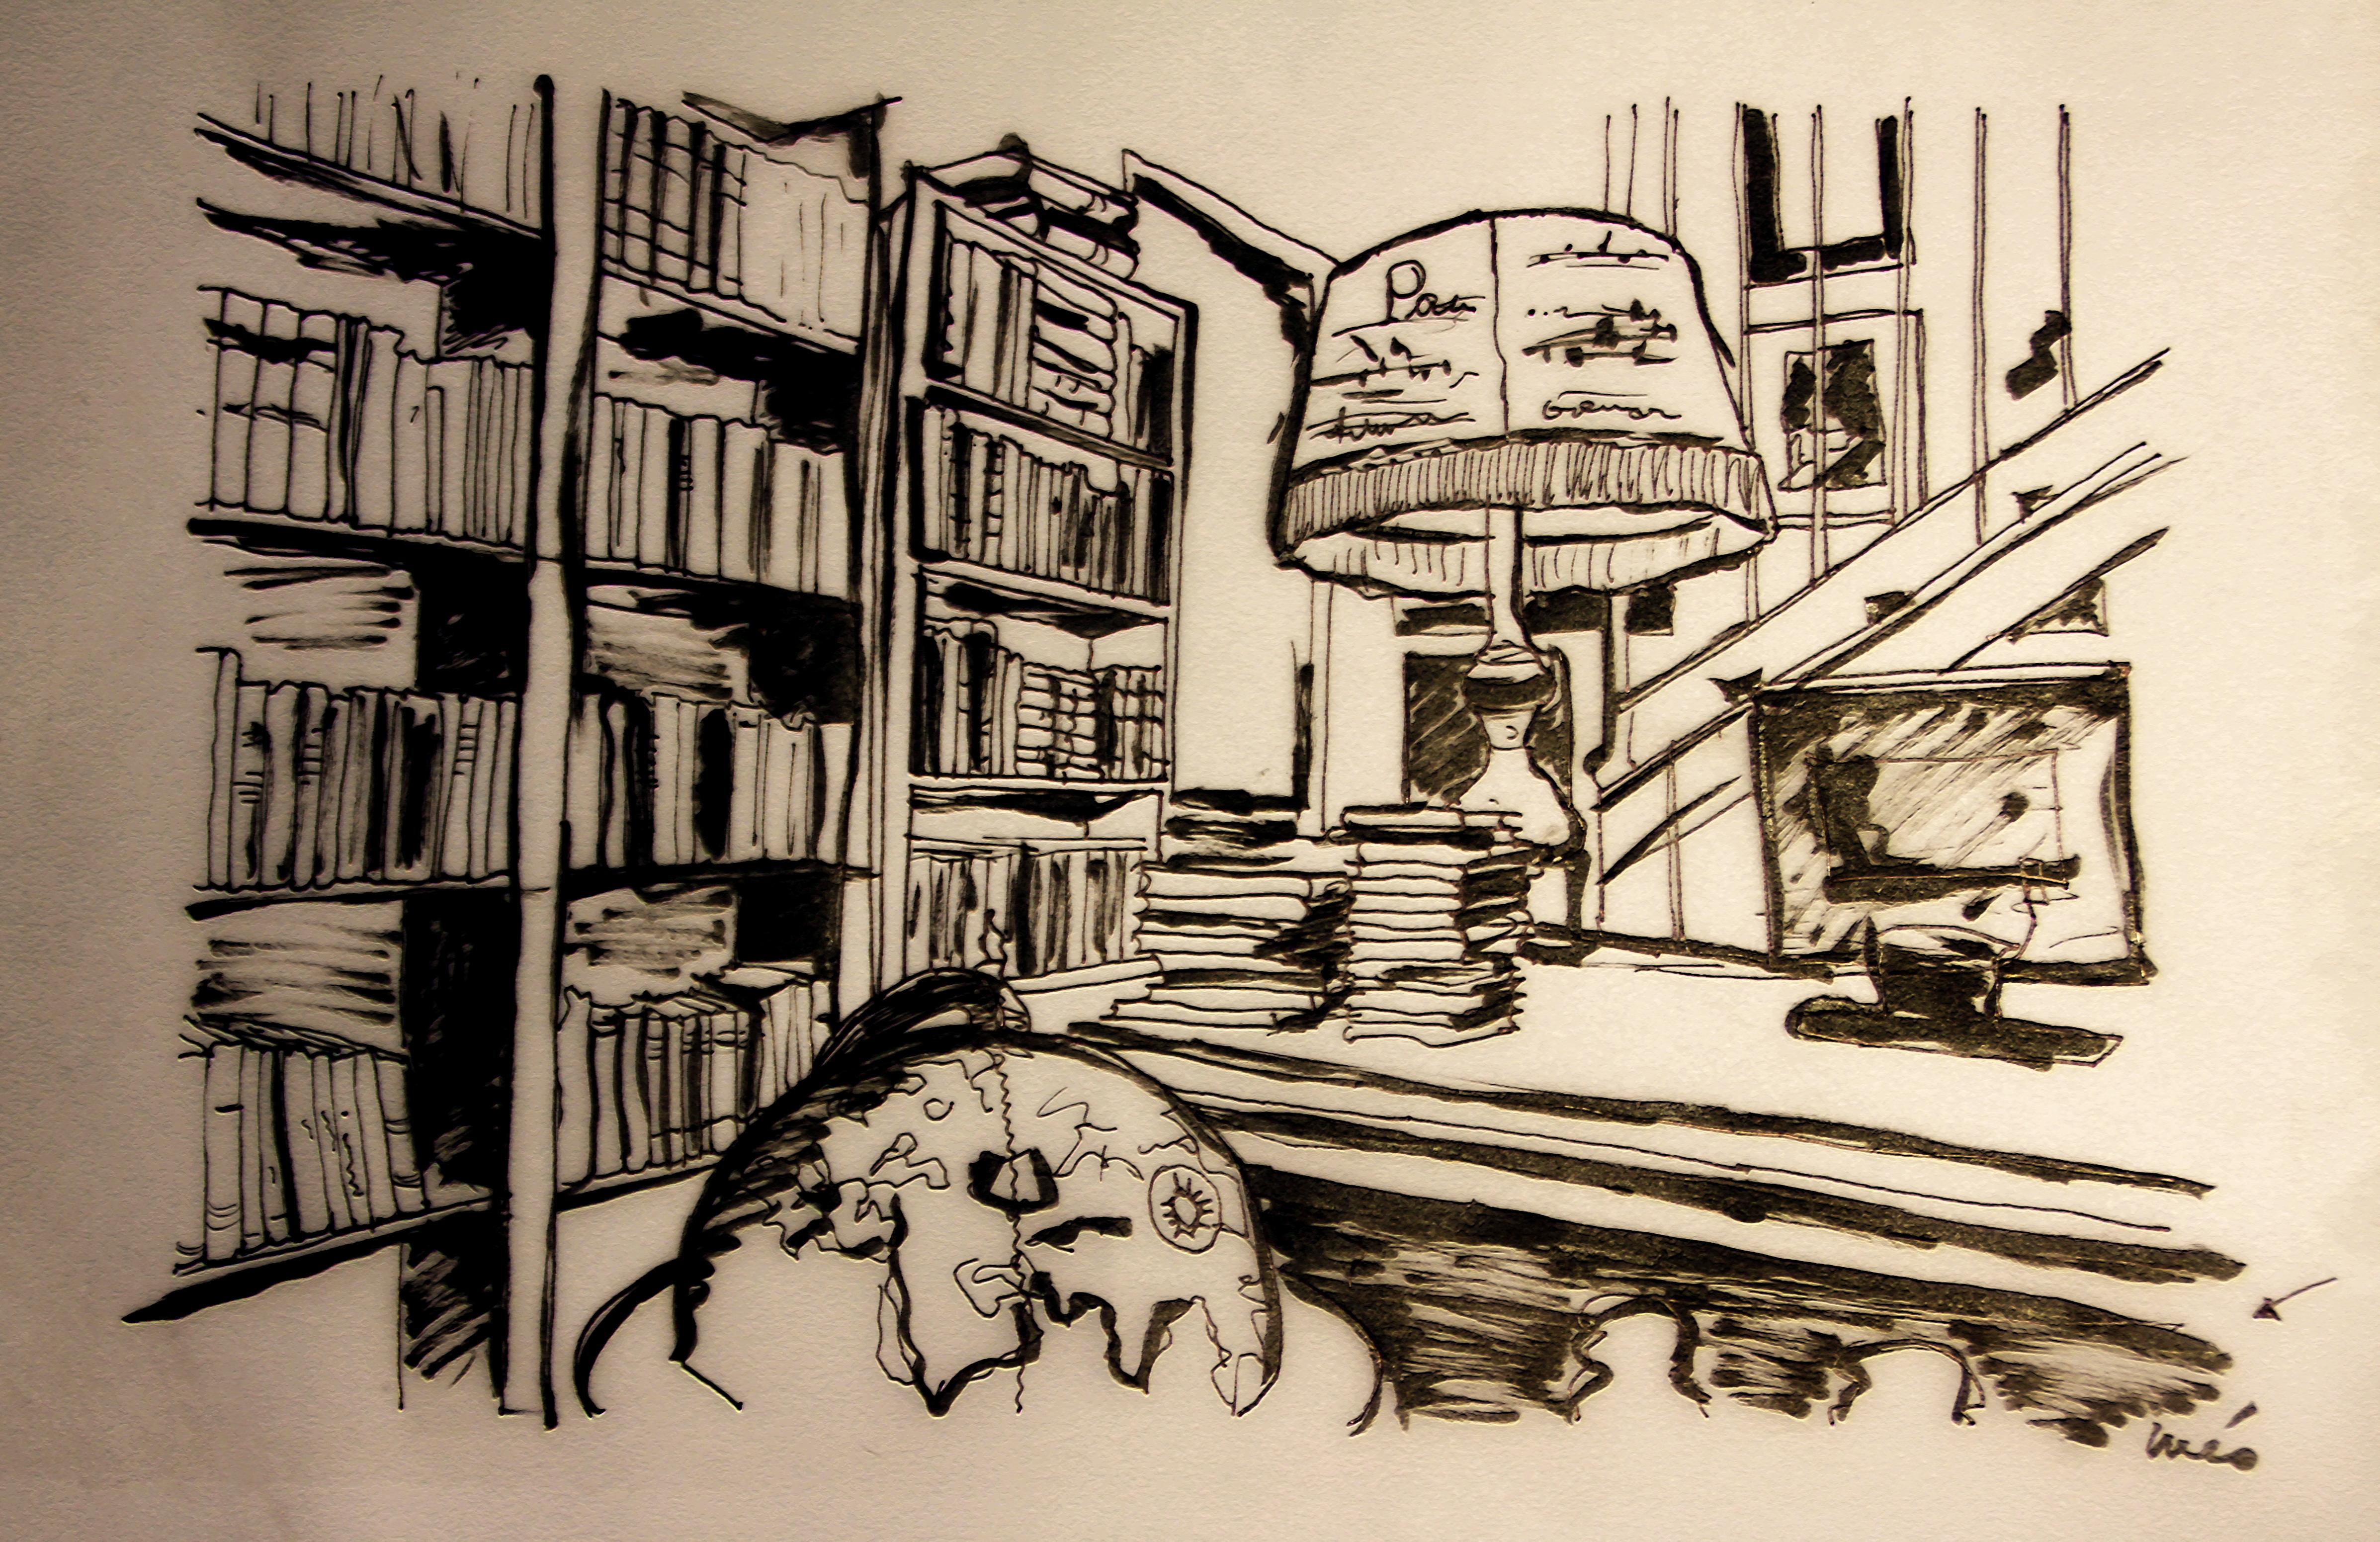 Valladolid urue a en dibujos mis viajes por ah mis - Imagenes de librerias ...